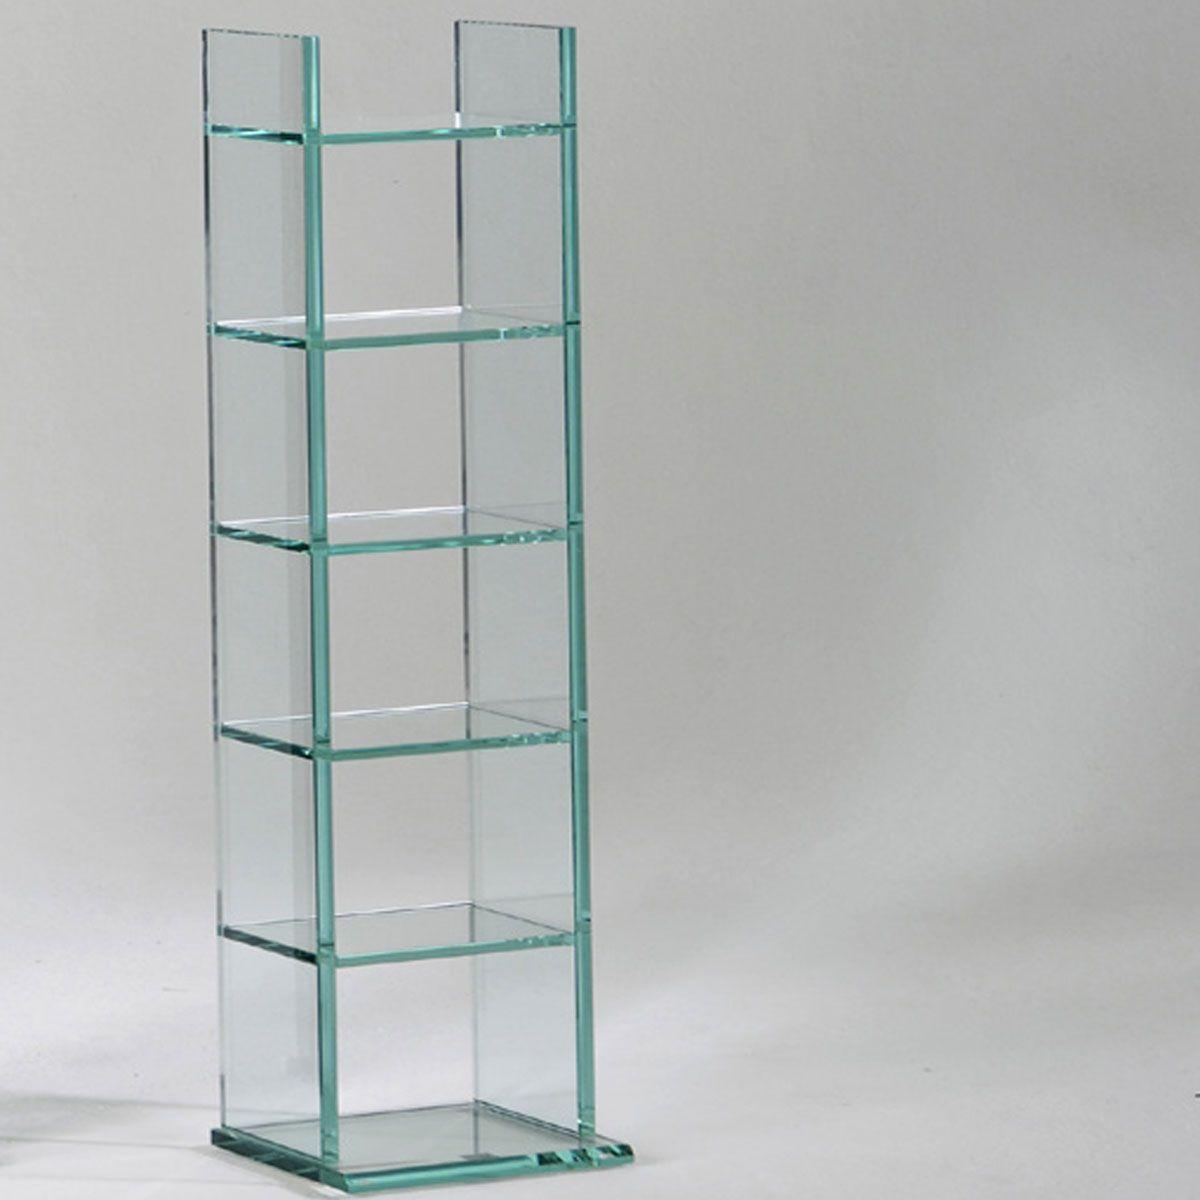 Full Size of Cd Regal 12 Glas Elegant Kolonialstil Schmal Vorratsraum Holz Wildeiche Bad Wandregal 40 Cm Breit Weis Rot Raumteiler Buche 30 Kleiderschrank Regale Für Regal Cd Regal